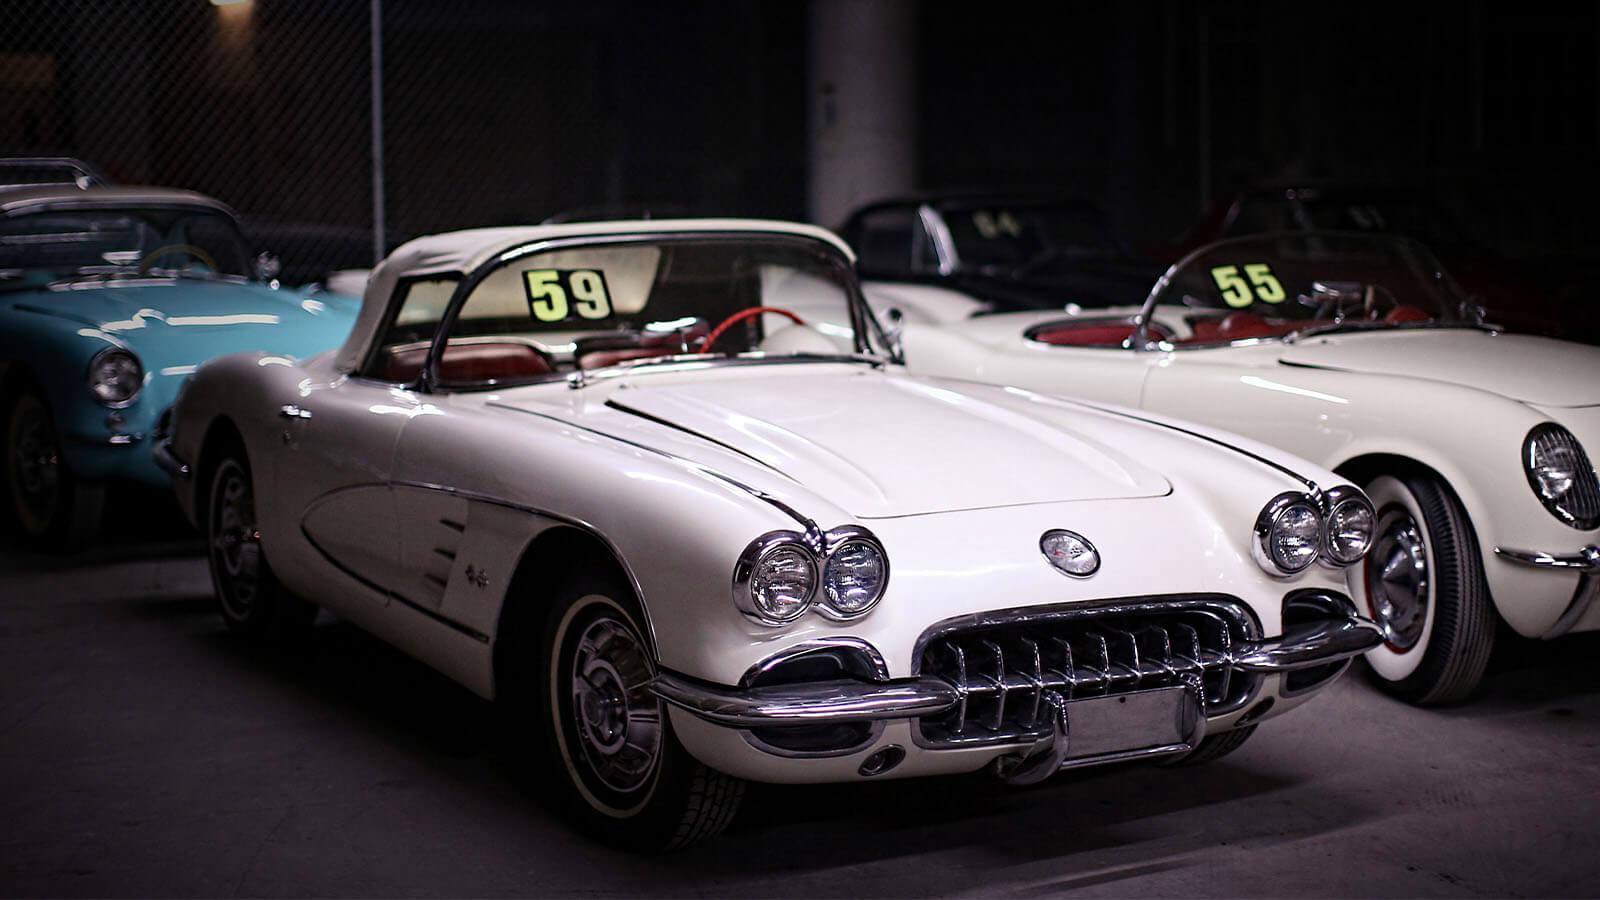 Gostava de ter um Chevrolet Corvette clássico? Pode ter um por três dólares